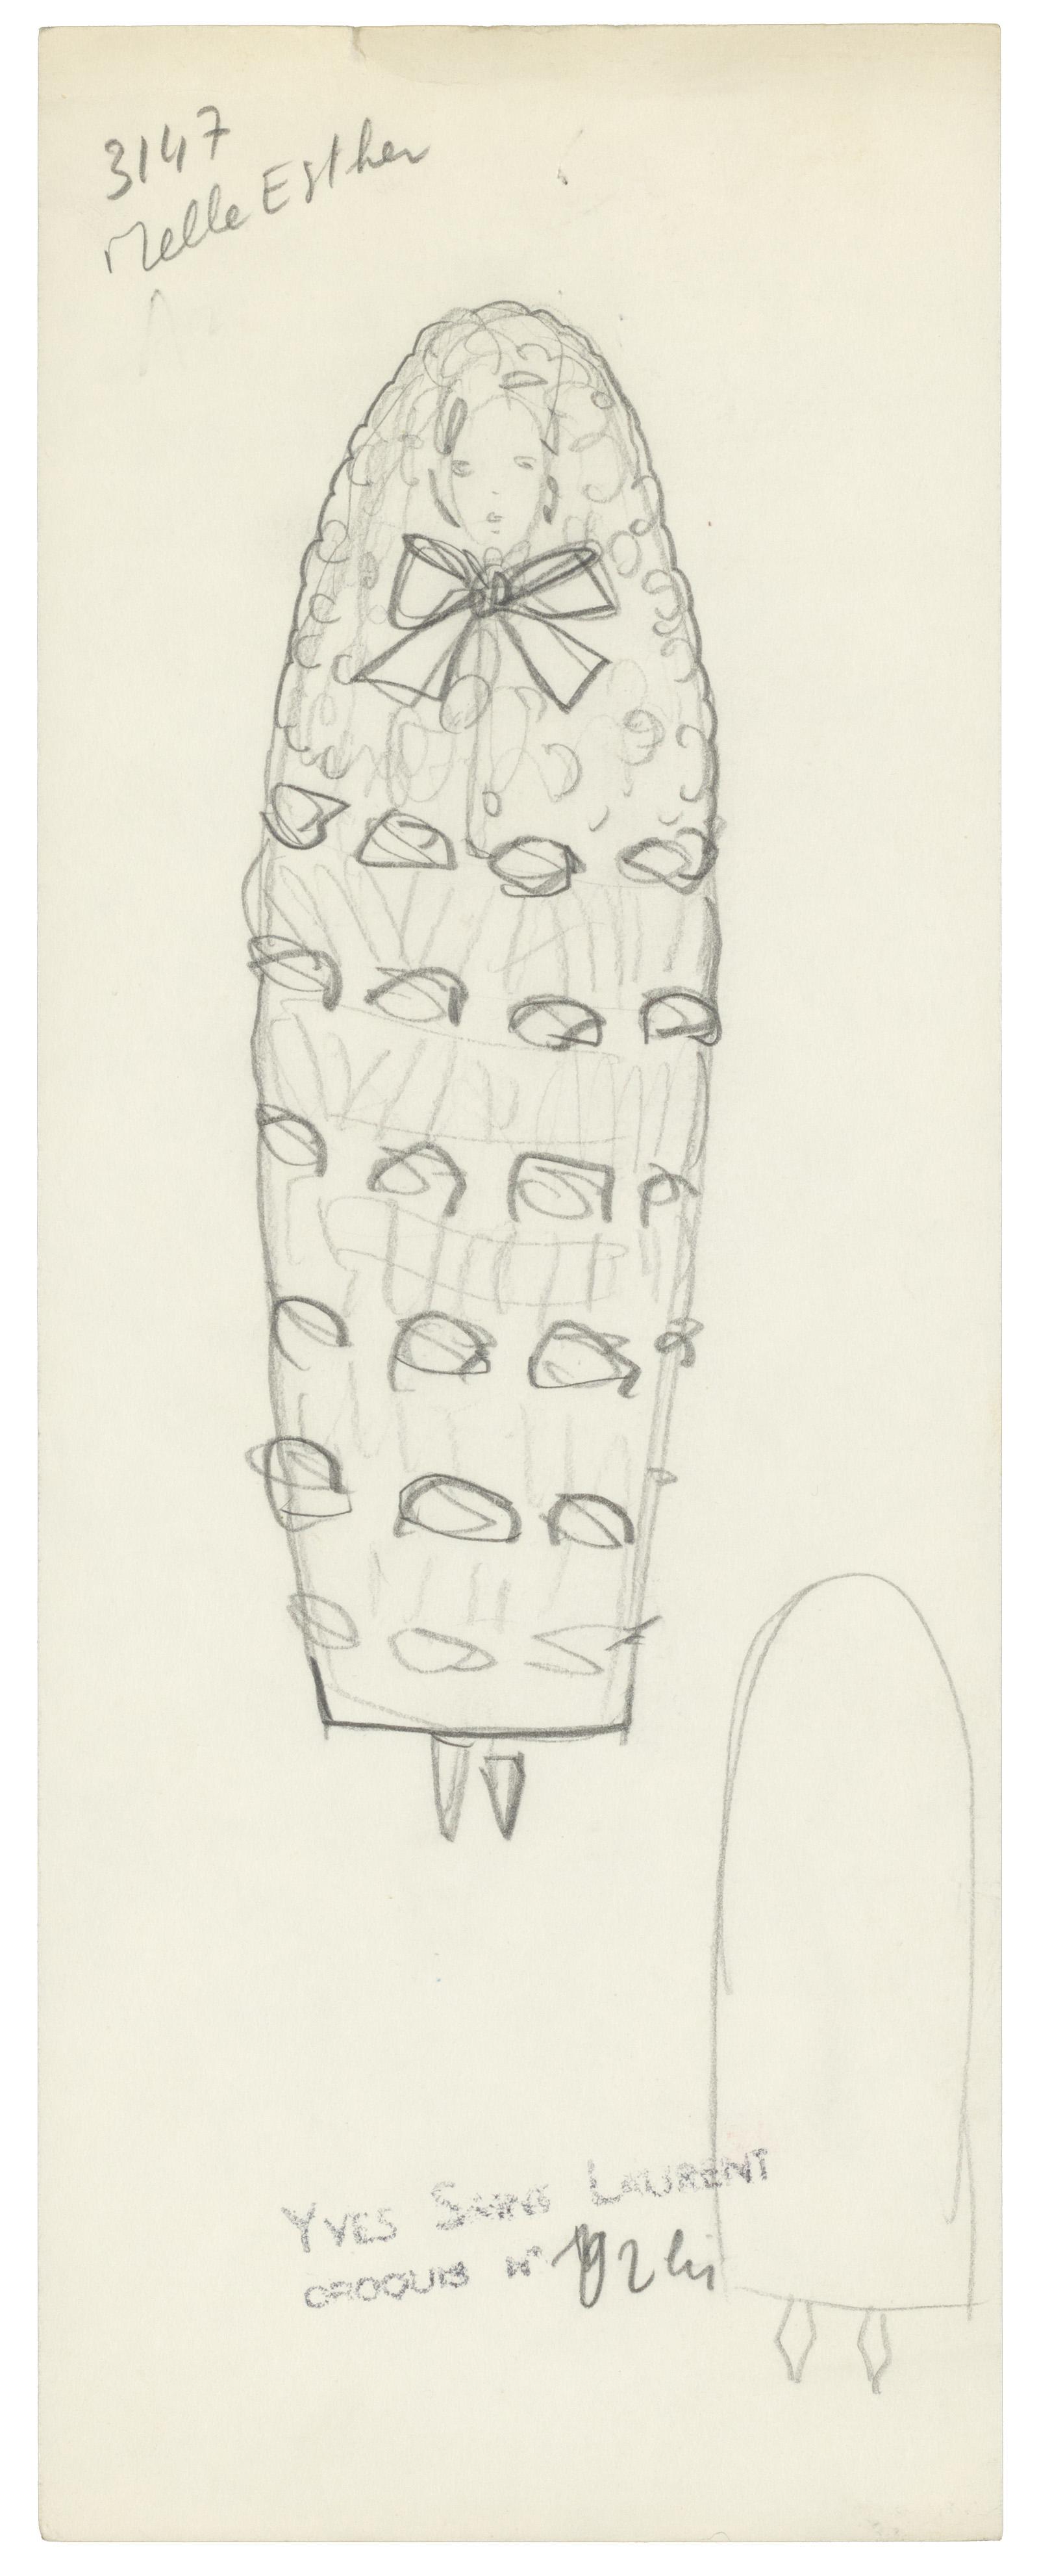 The Knit Bridal Gown - Musée Yves Saint Laurent Paris